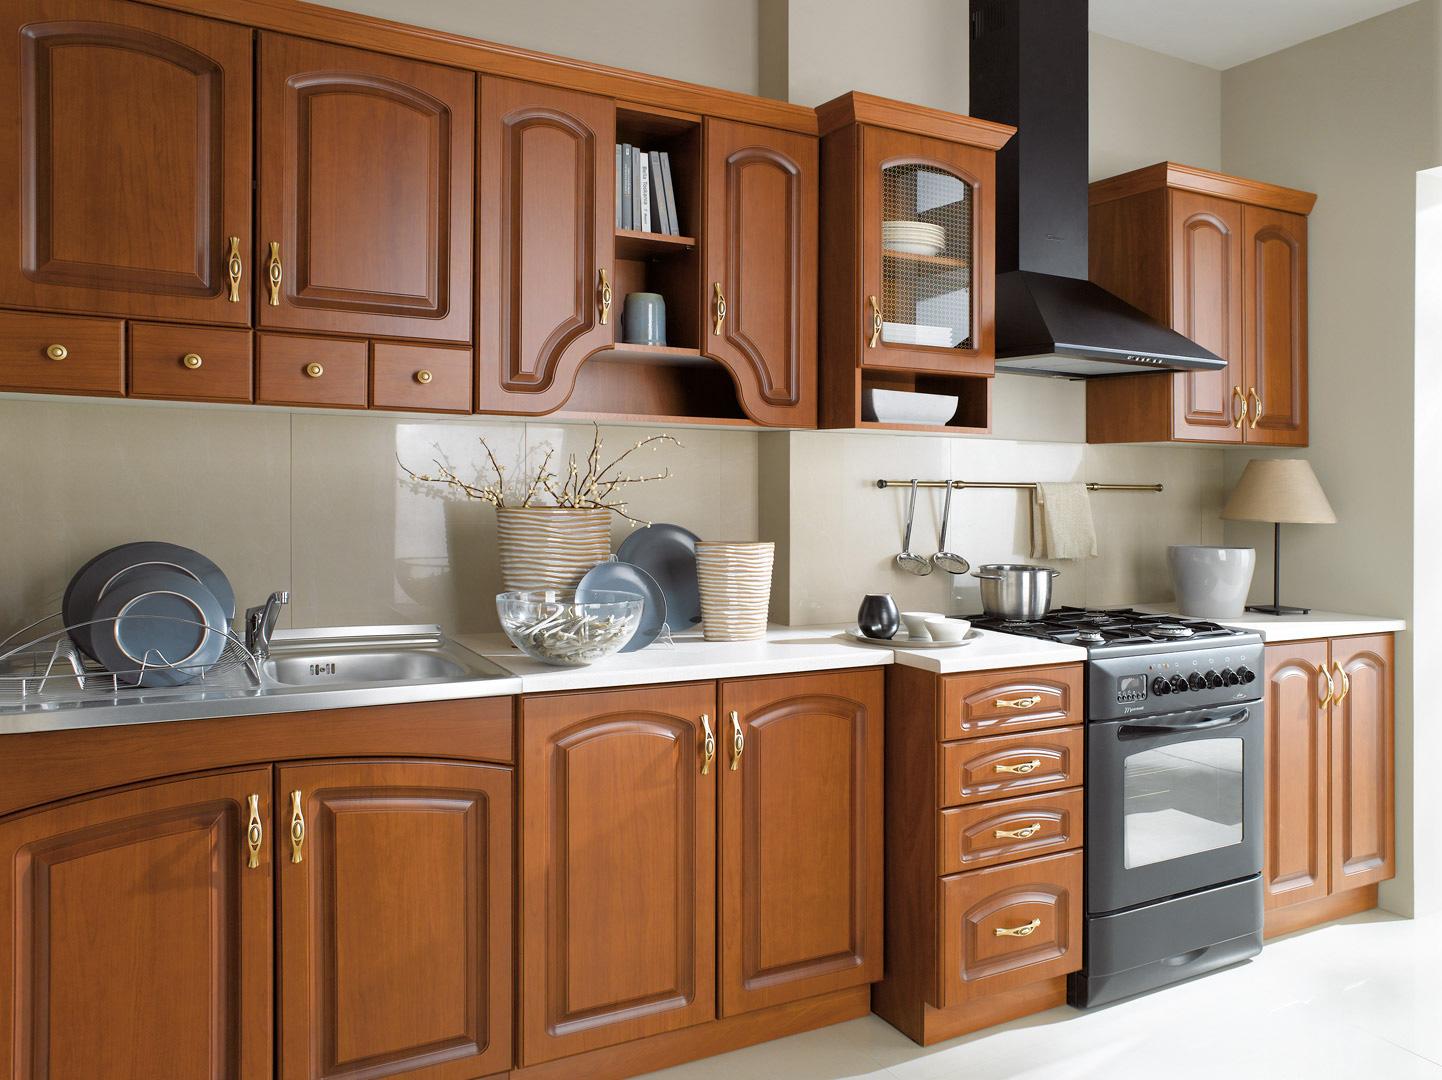 best küche folieren anleitung gallery - amazing design ideas